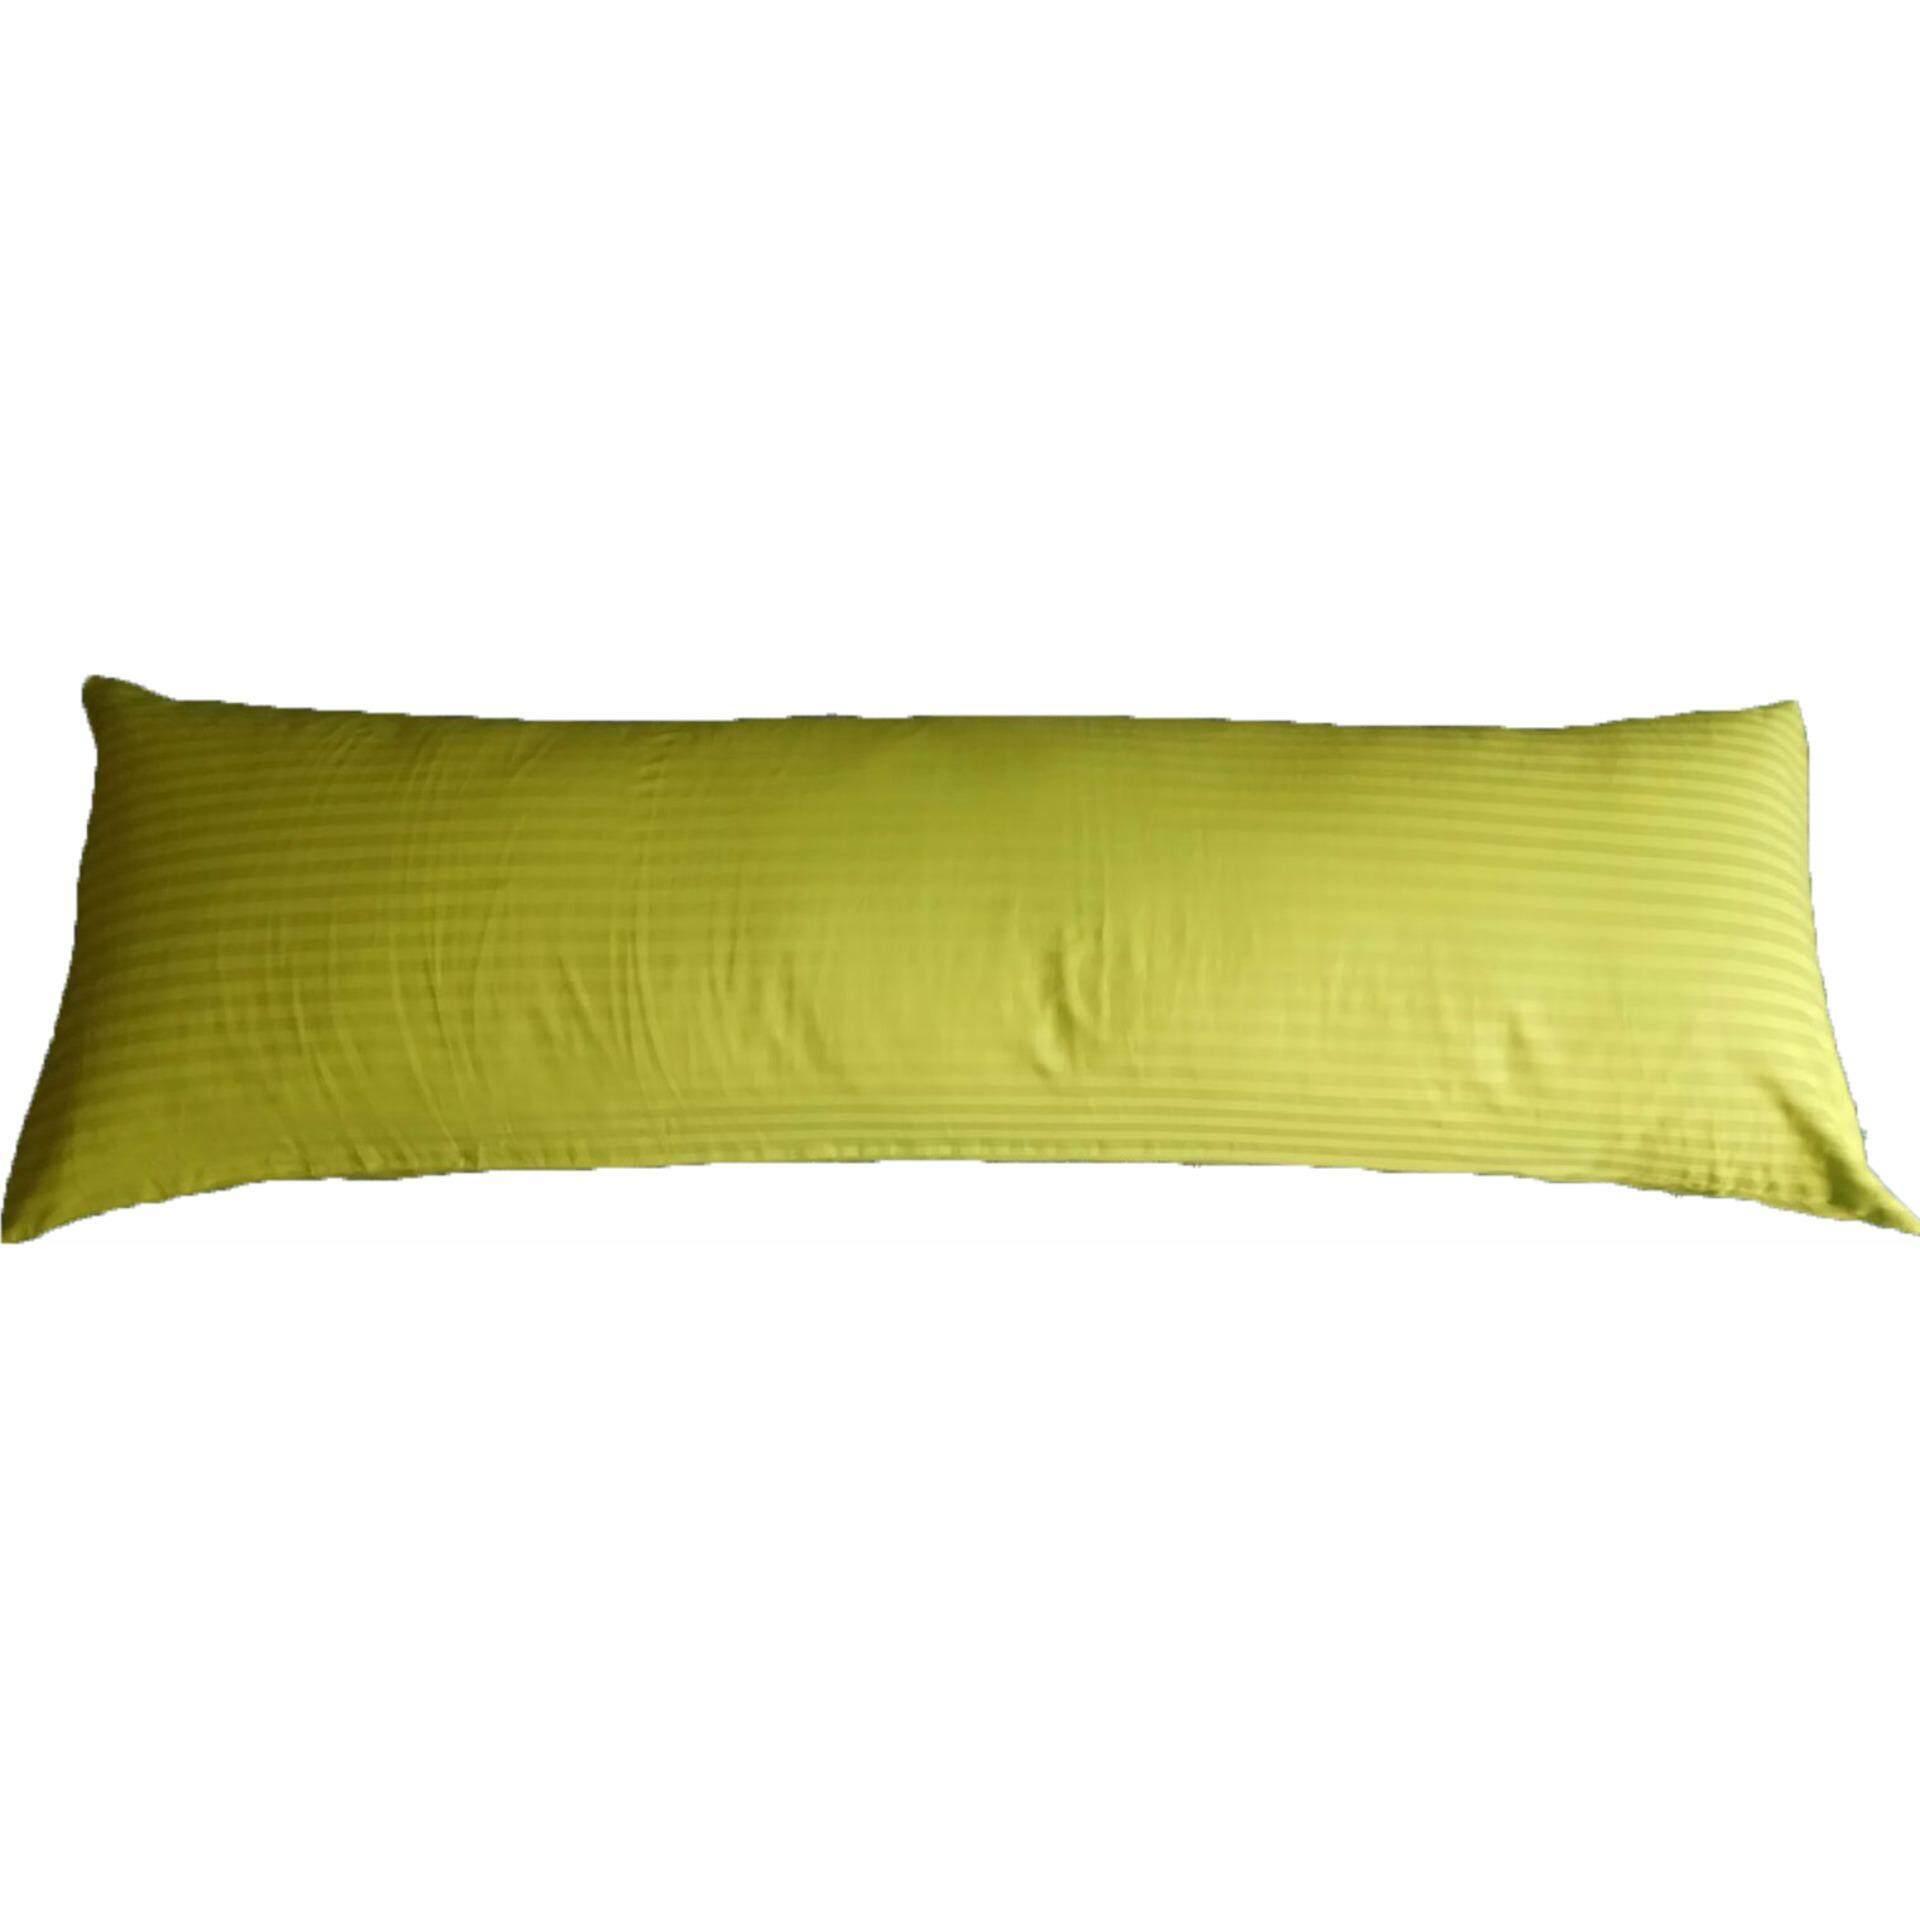 Ladubee™ premium Body Pillow Cover (Green Satin Stripes)